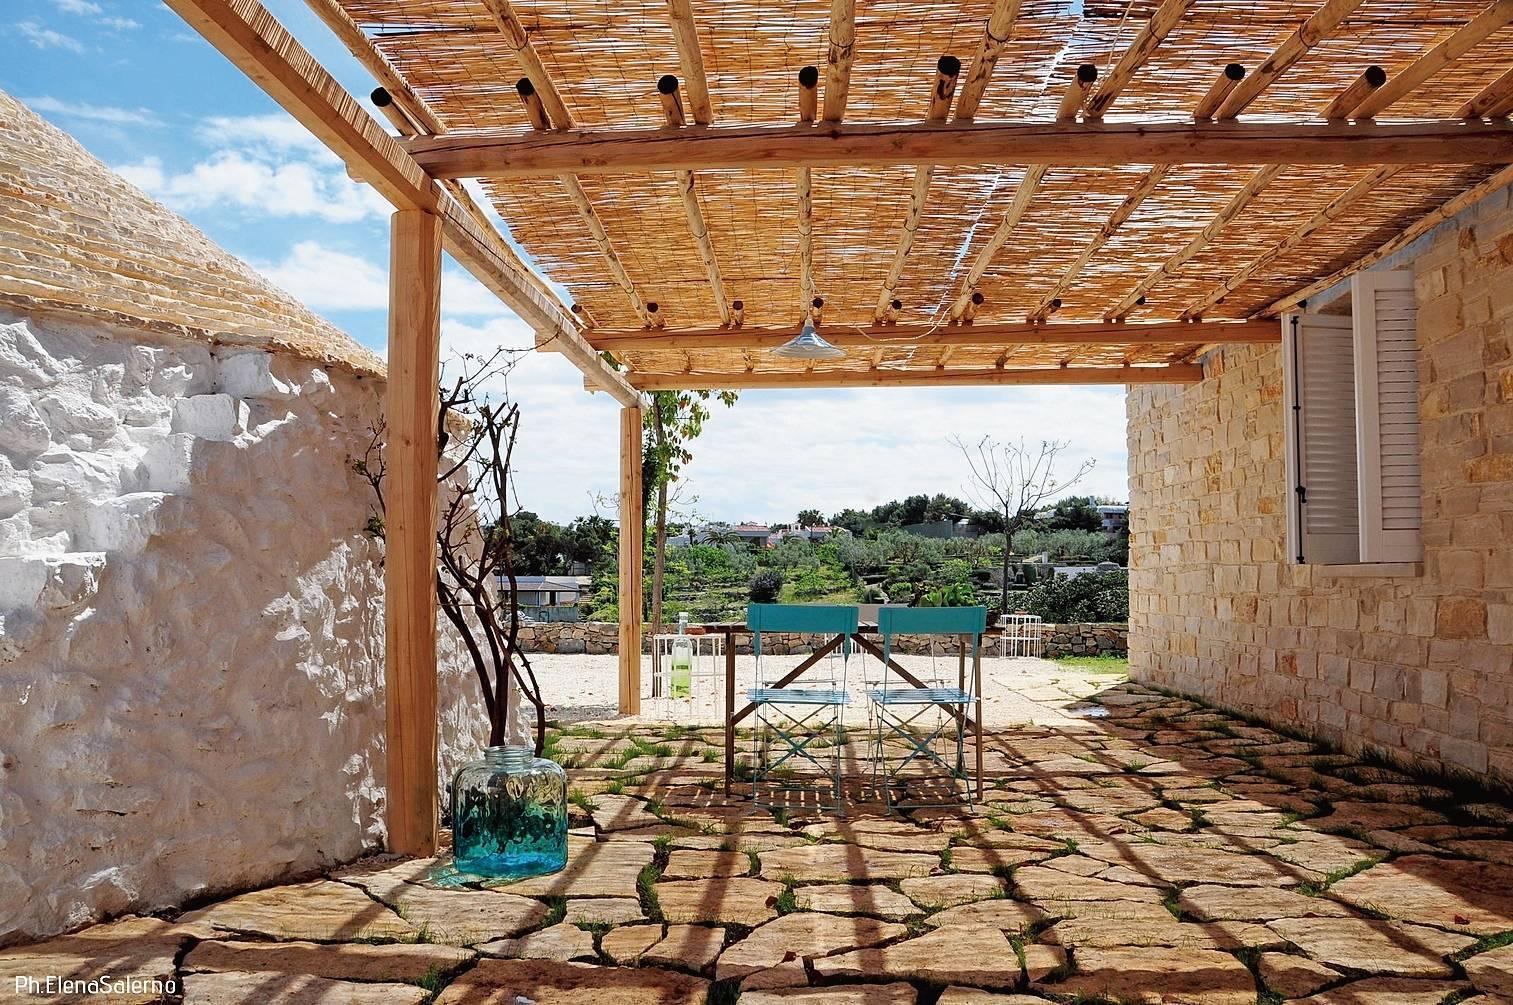 Quanto Costa Ristrutturare Una Stalla recuperare un rustico: da edificio rurale ad abitazione